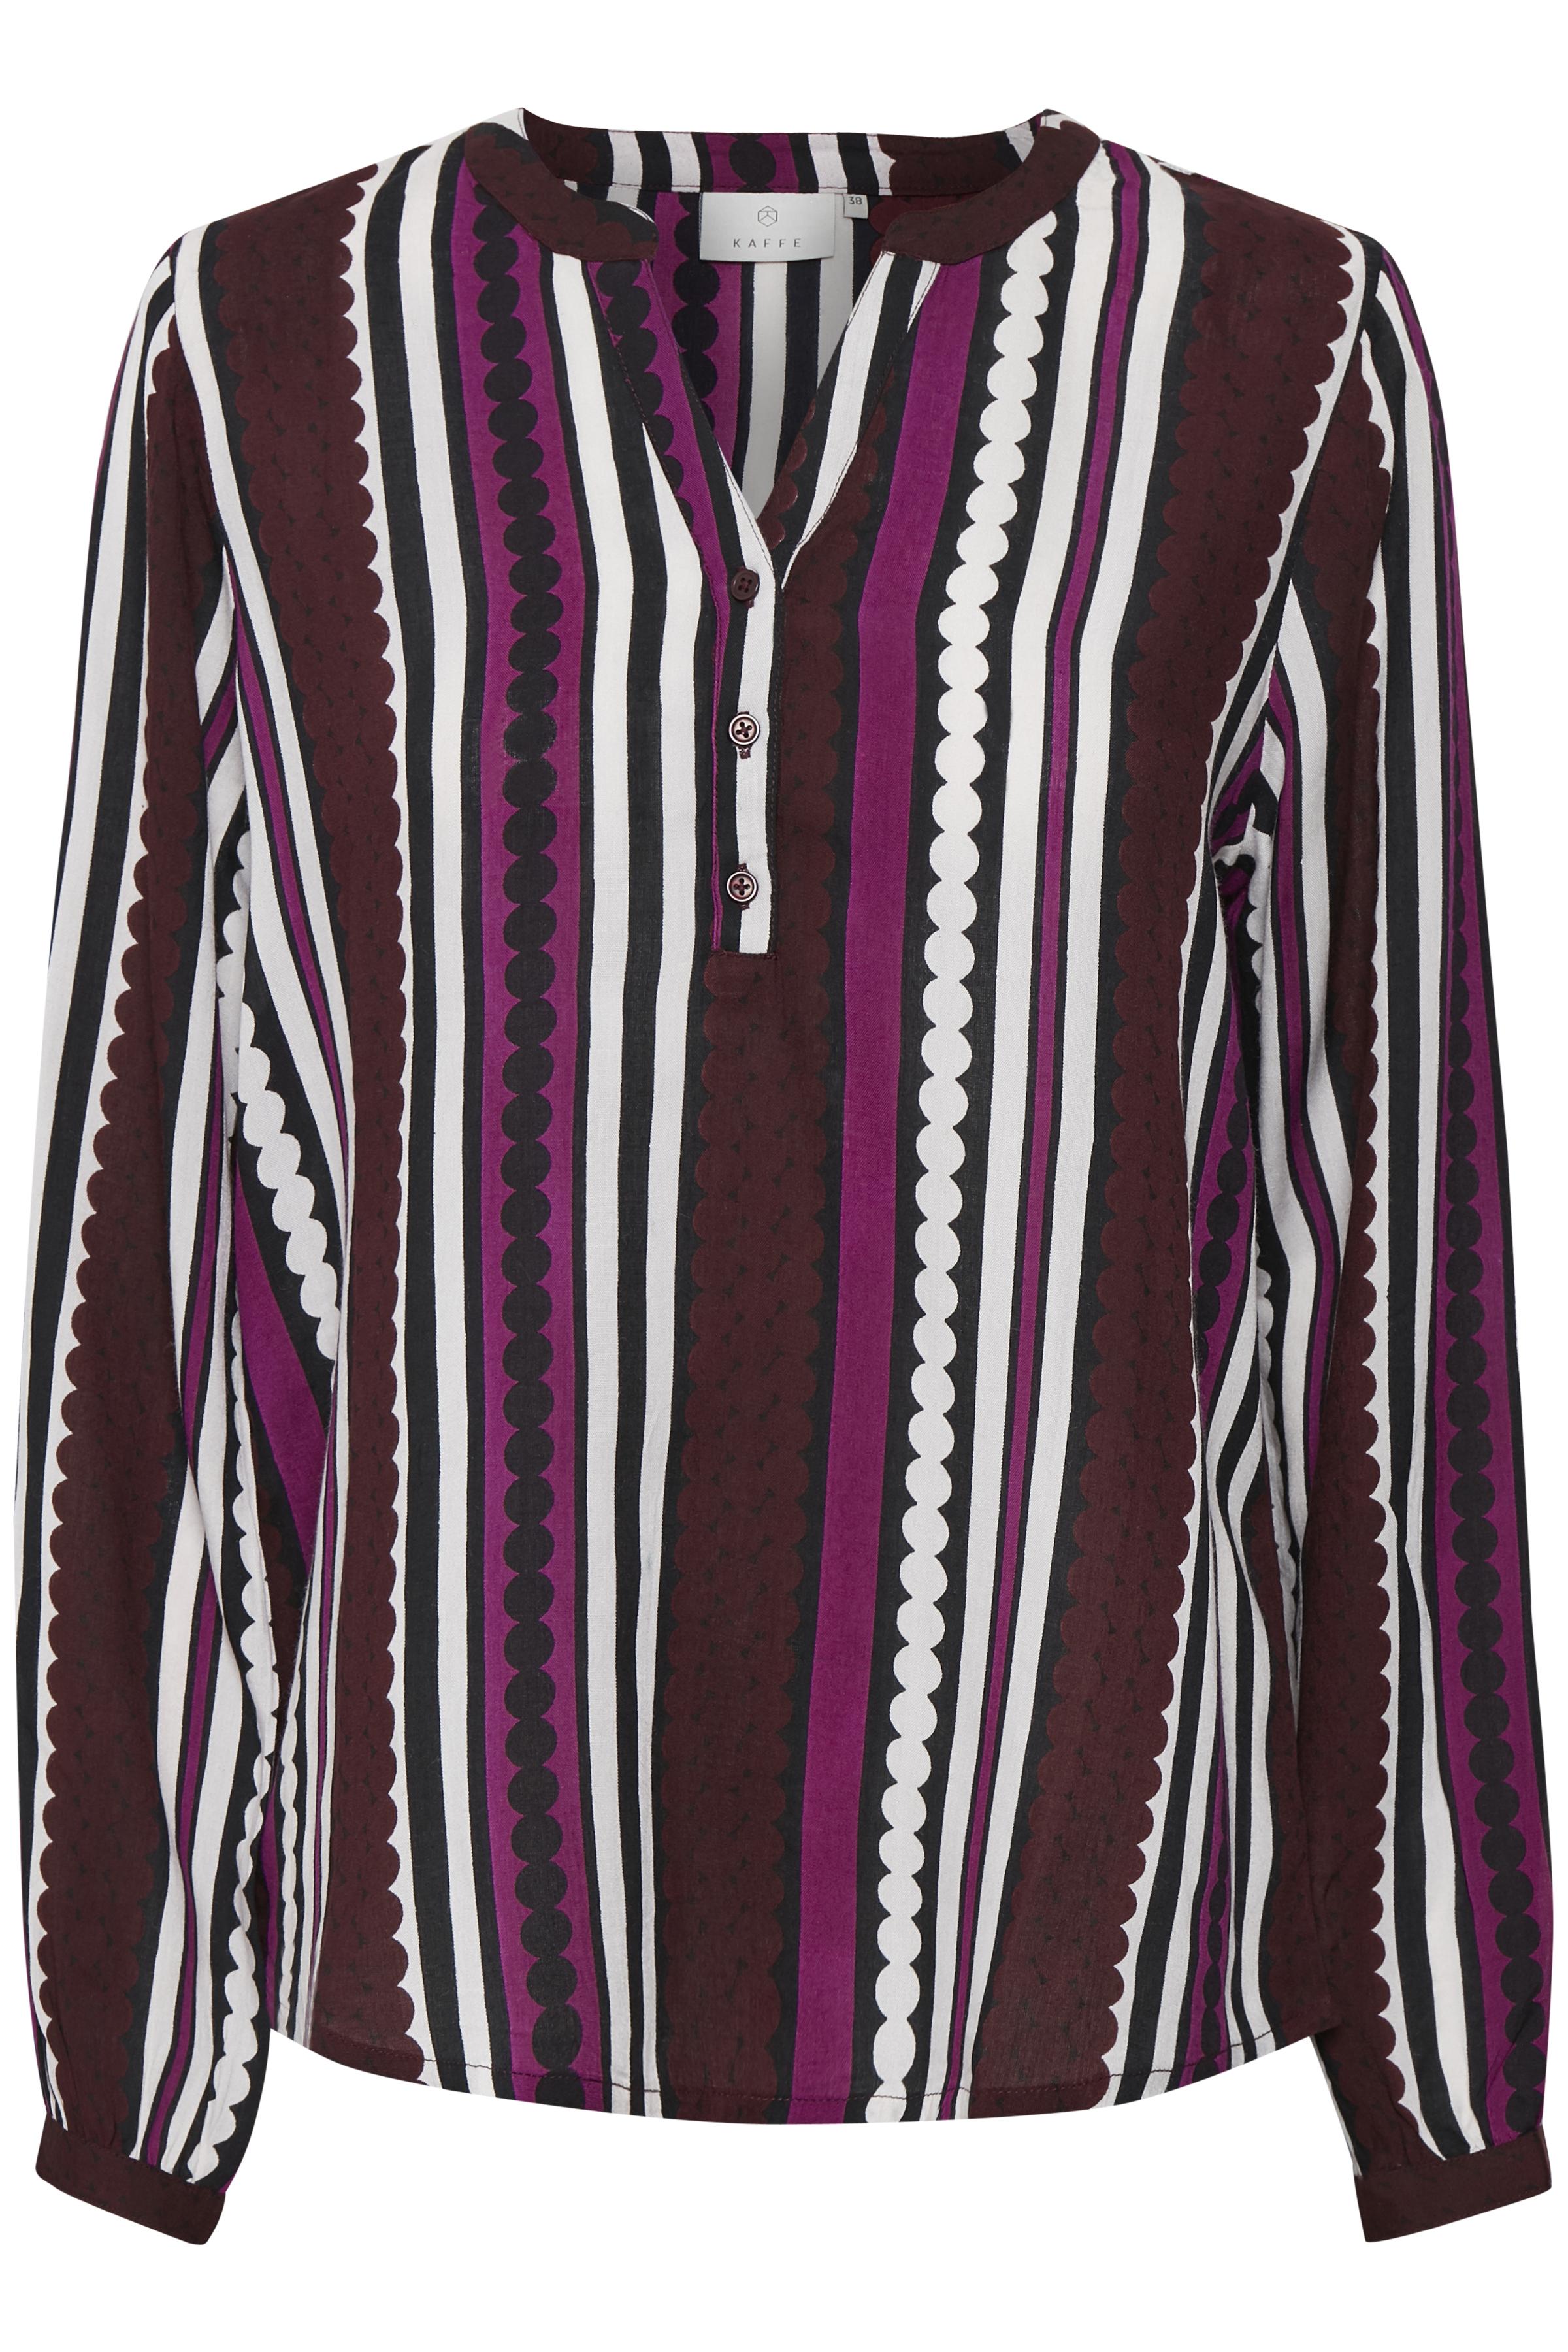 Bordeaux/hvid Langærmet bluse fra Kaffe – Køb Bordeaux/hvid Langærmet bluse fra str. 34-46 her